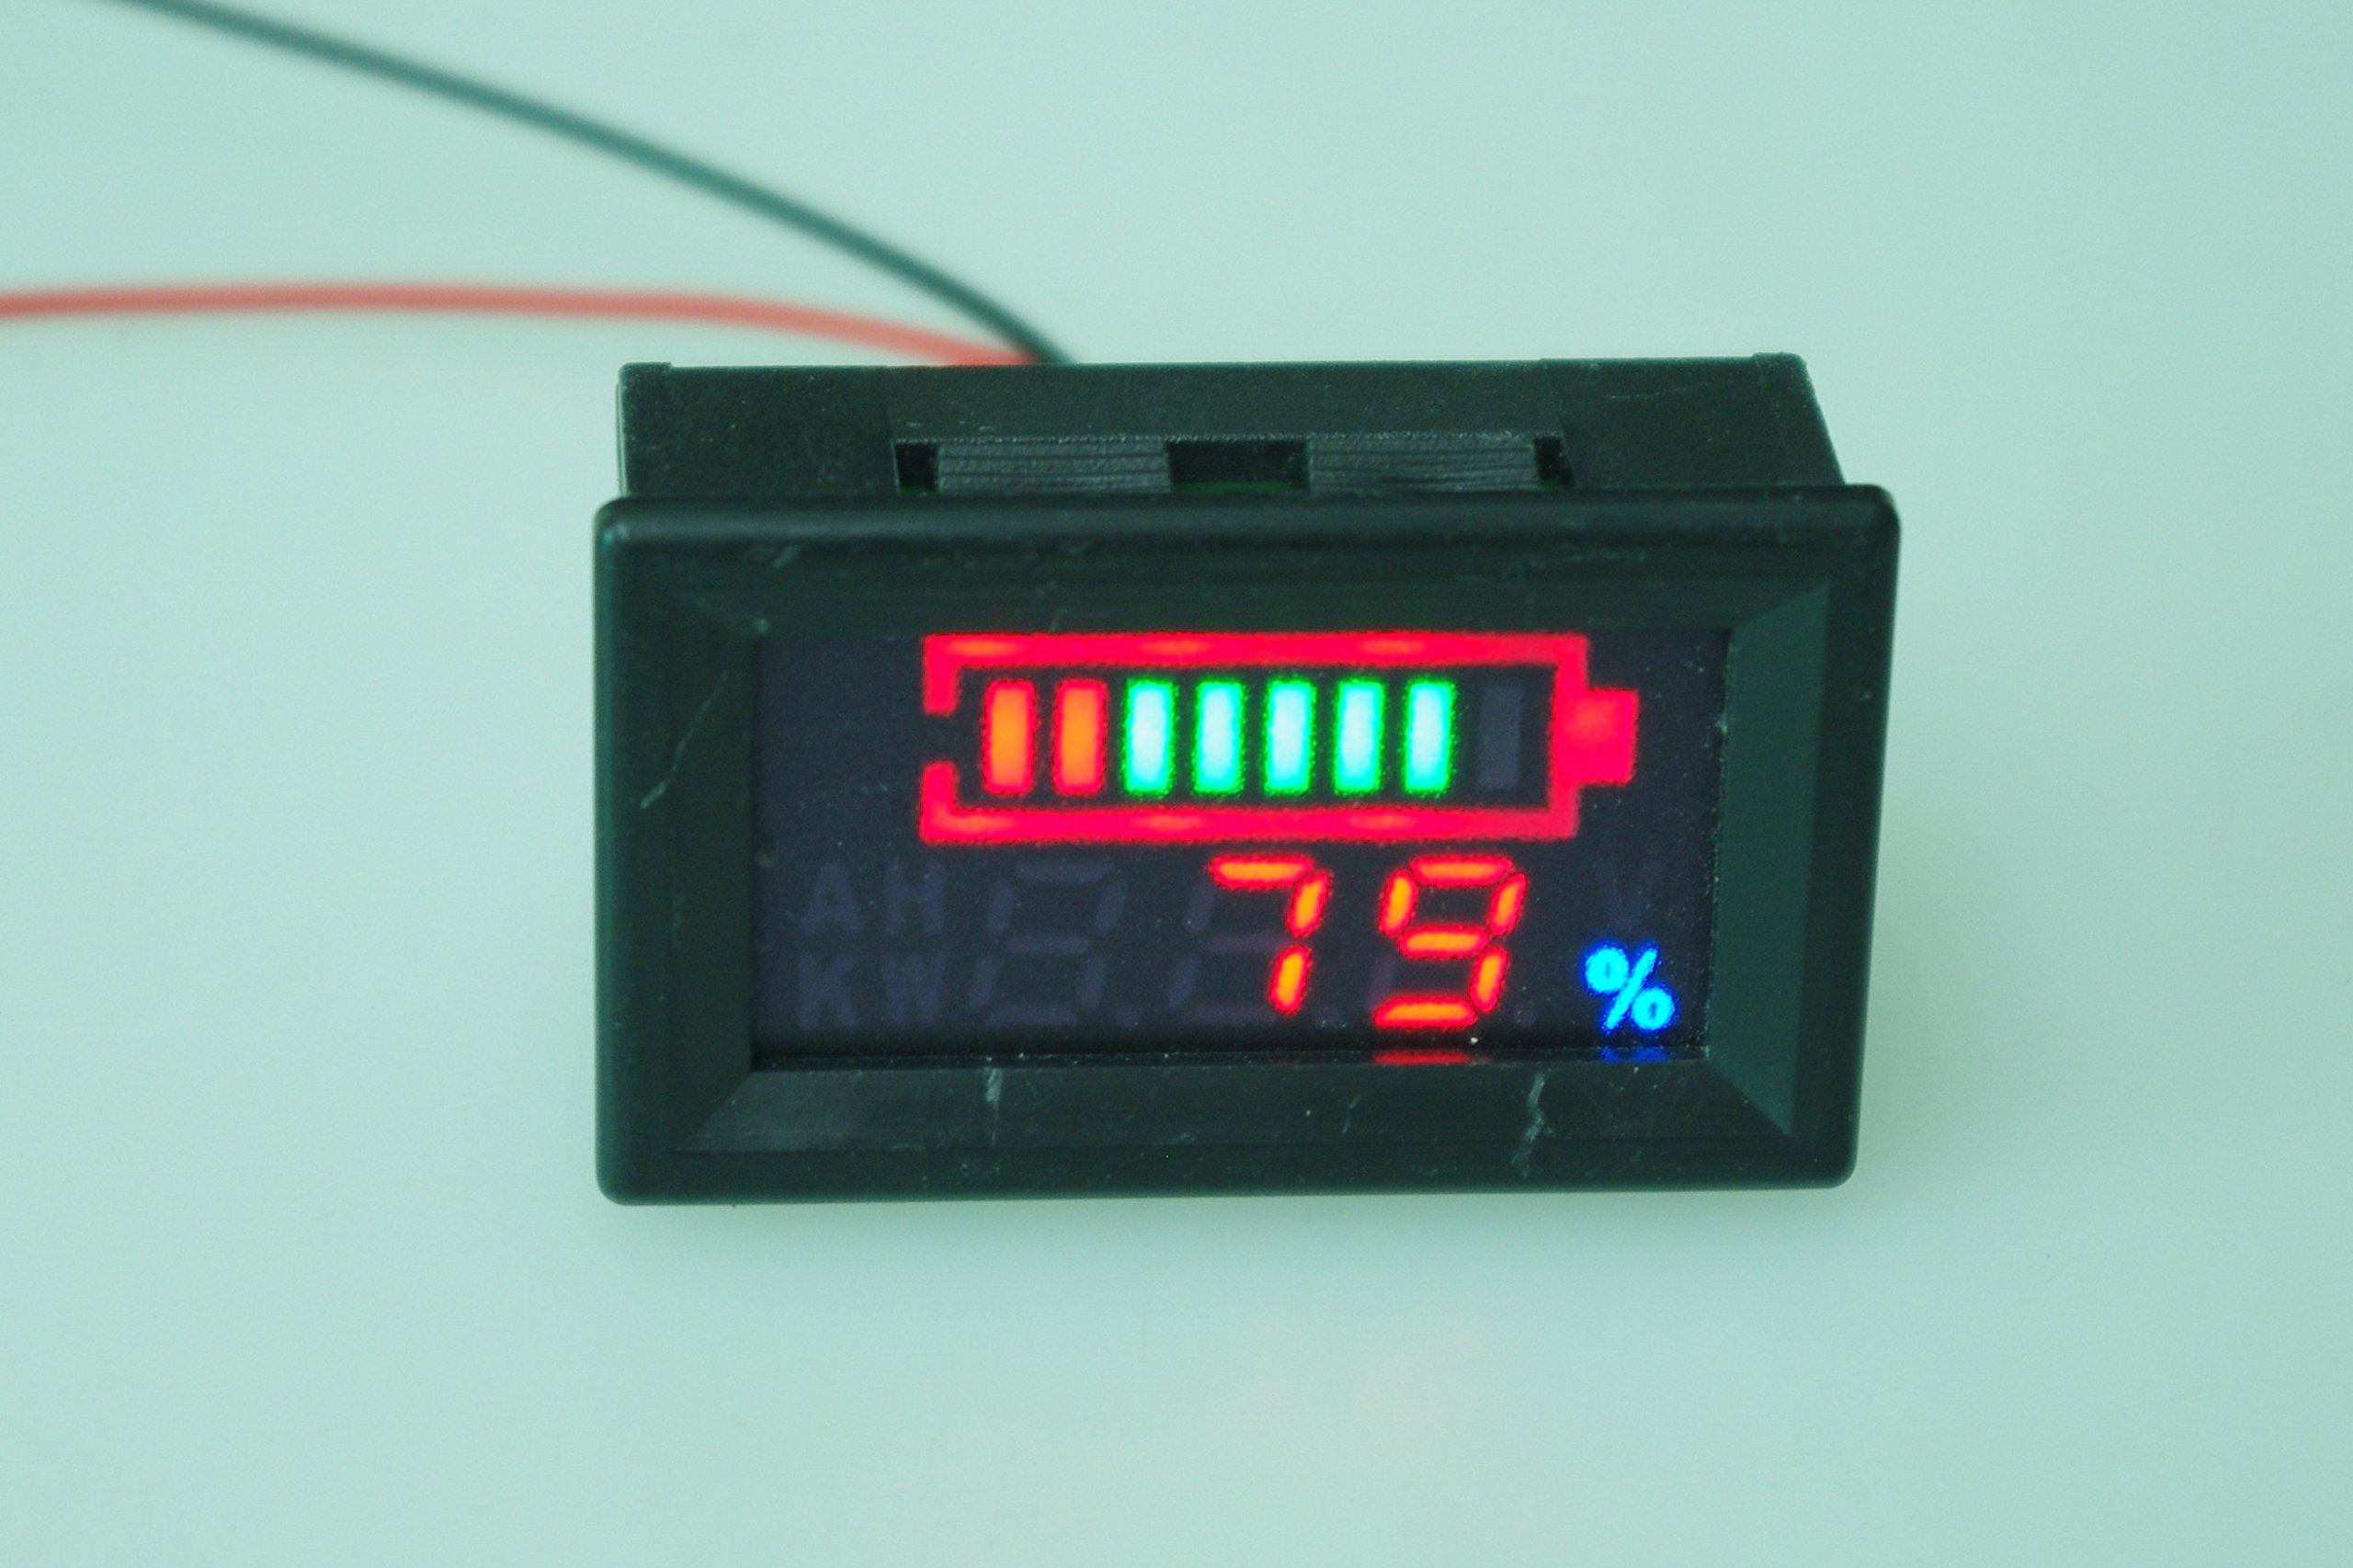 SMAKN DC 12v 24V 36V 48V 60V 72V 96V Acid lead batteries percentage capacity indicator LED Tester voltmeter With TTL OUTPUT by SMAKN (Image #3)